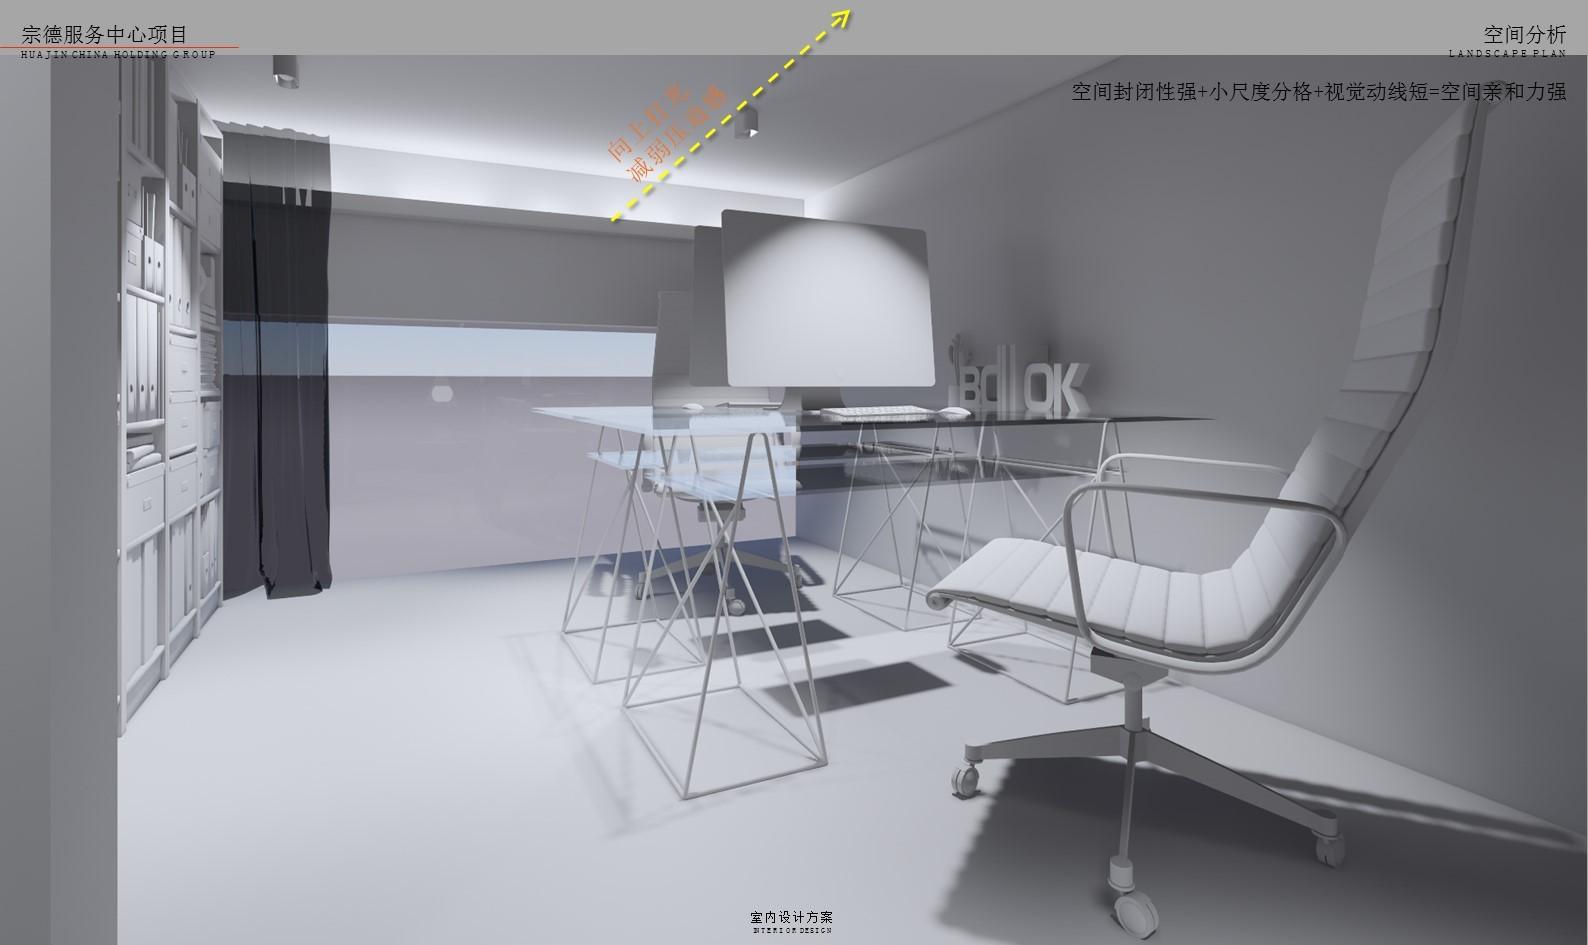 售樓部樣板間 軟裝改造插图(26)